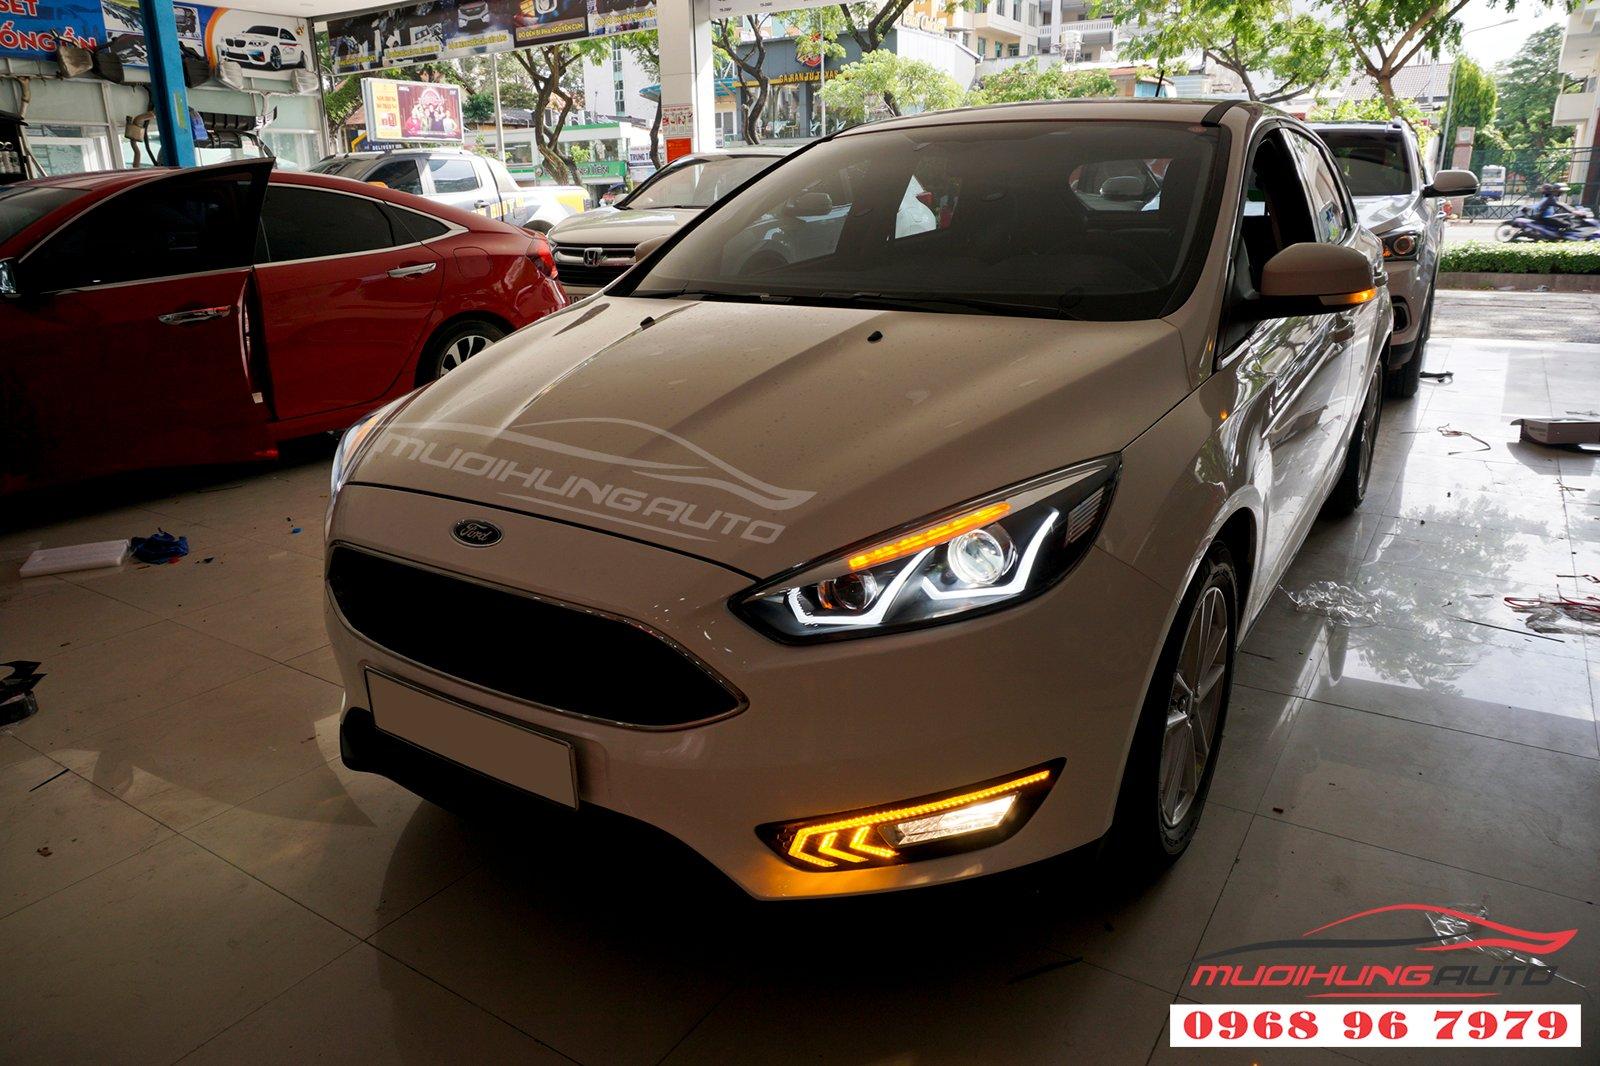 Ford Focus Thay Nguyên Cụm Đèn Pha Và LED Cản Trước – MƯỜI HÙNG AUTO